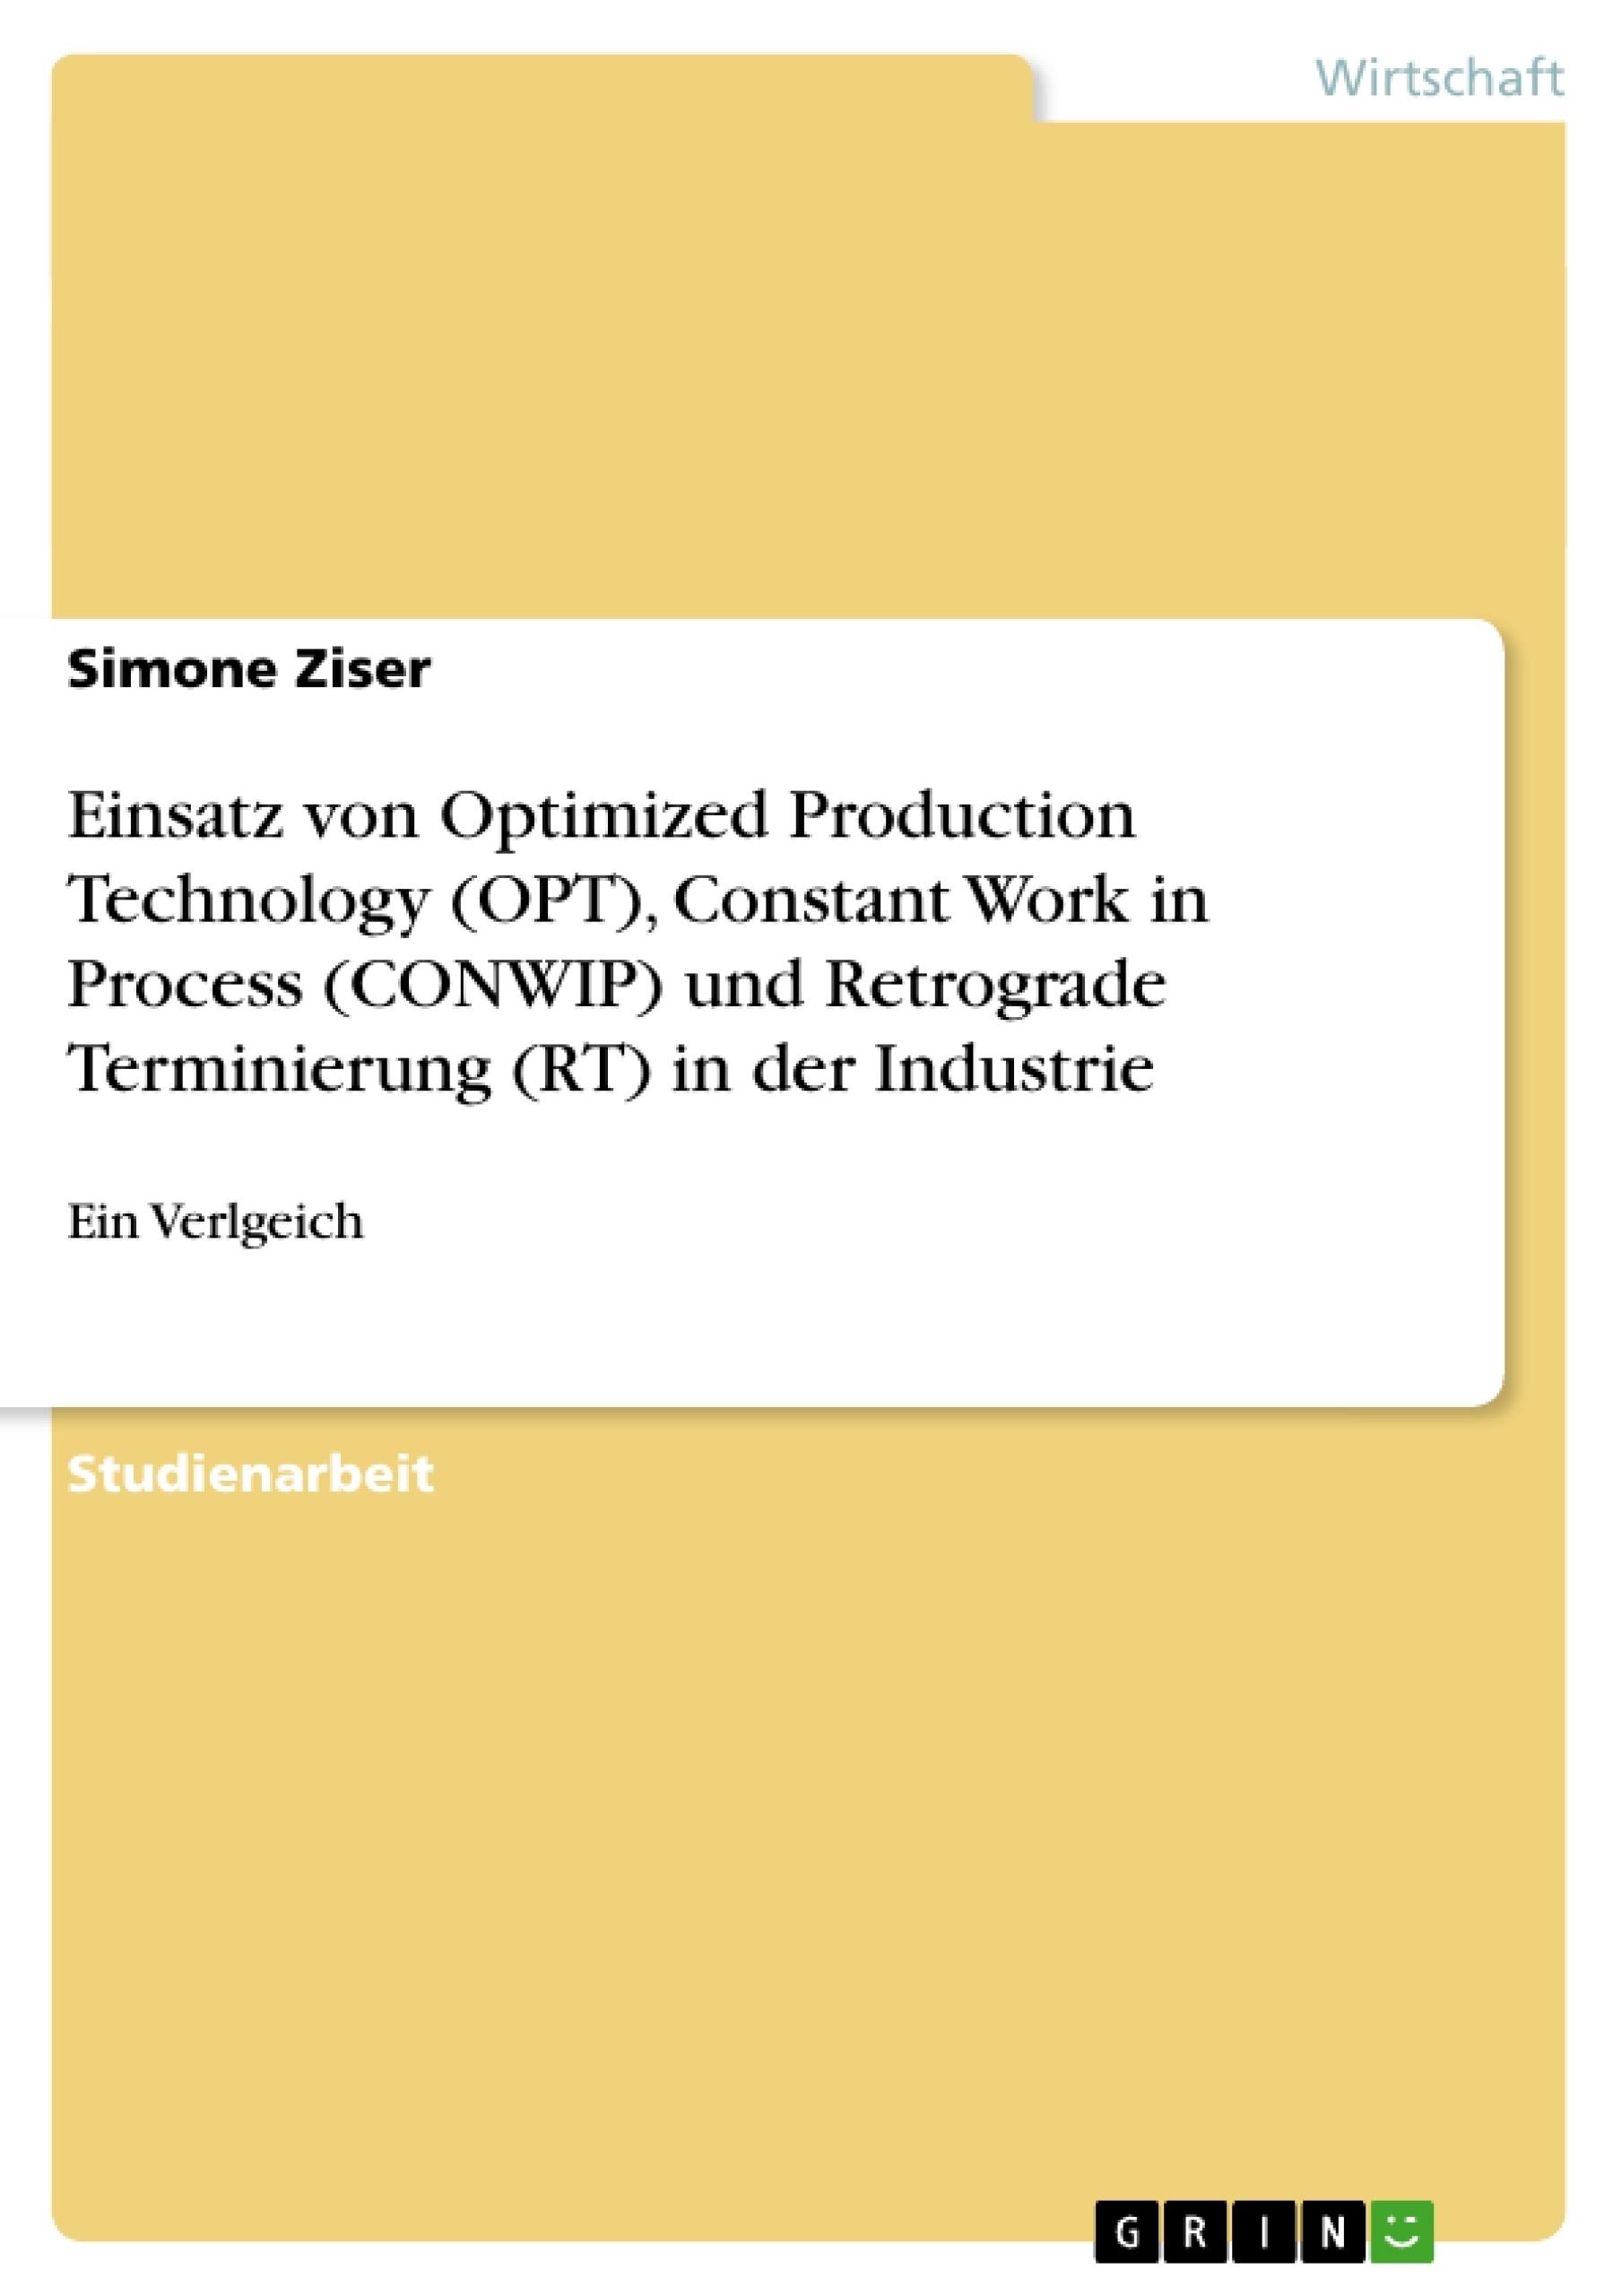 Titel: Einsatz von Optimized Production Technology (OPT), Constant Work in Process (CONWIP) und Retrograde Terminierung (RT) in der Industrie